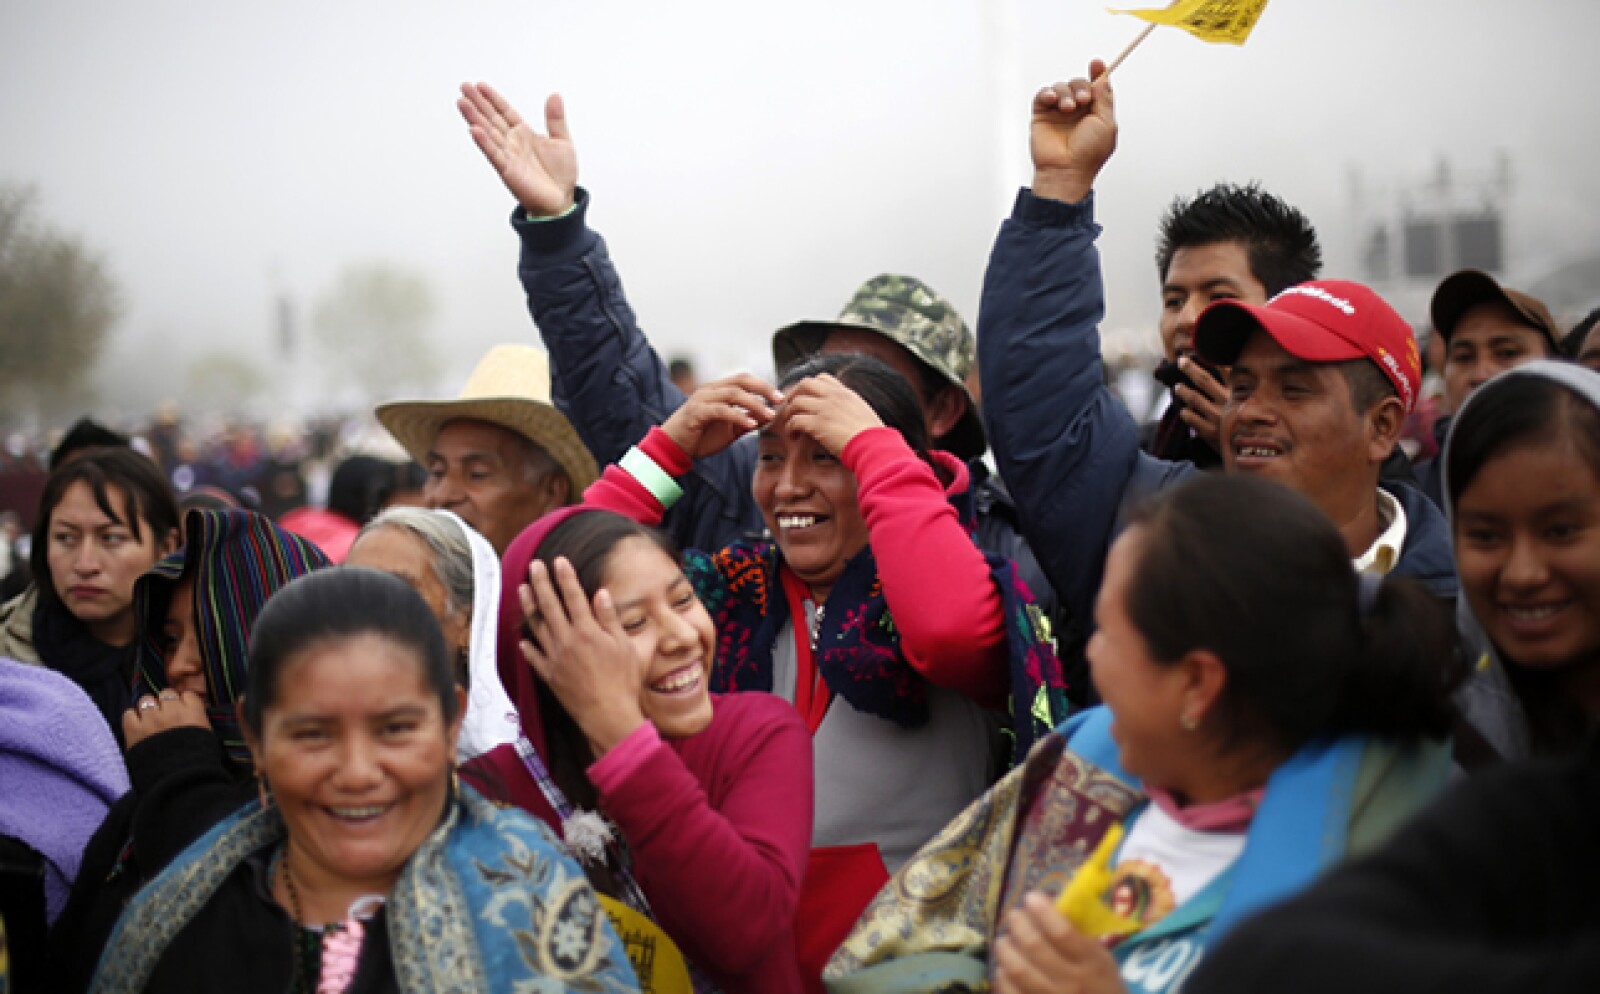 Los fieles congregados escucharon el sermón del papa traducido en diferentes lenguas indígenas.